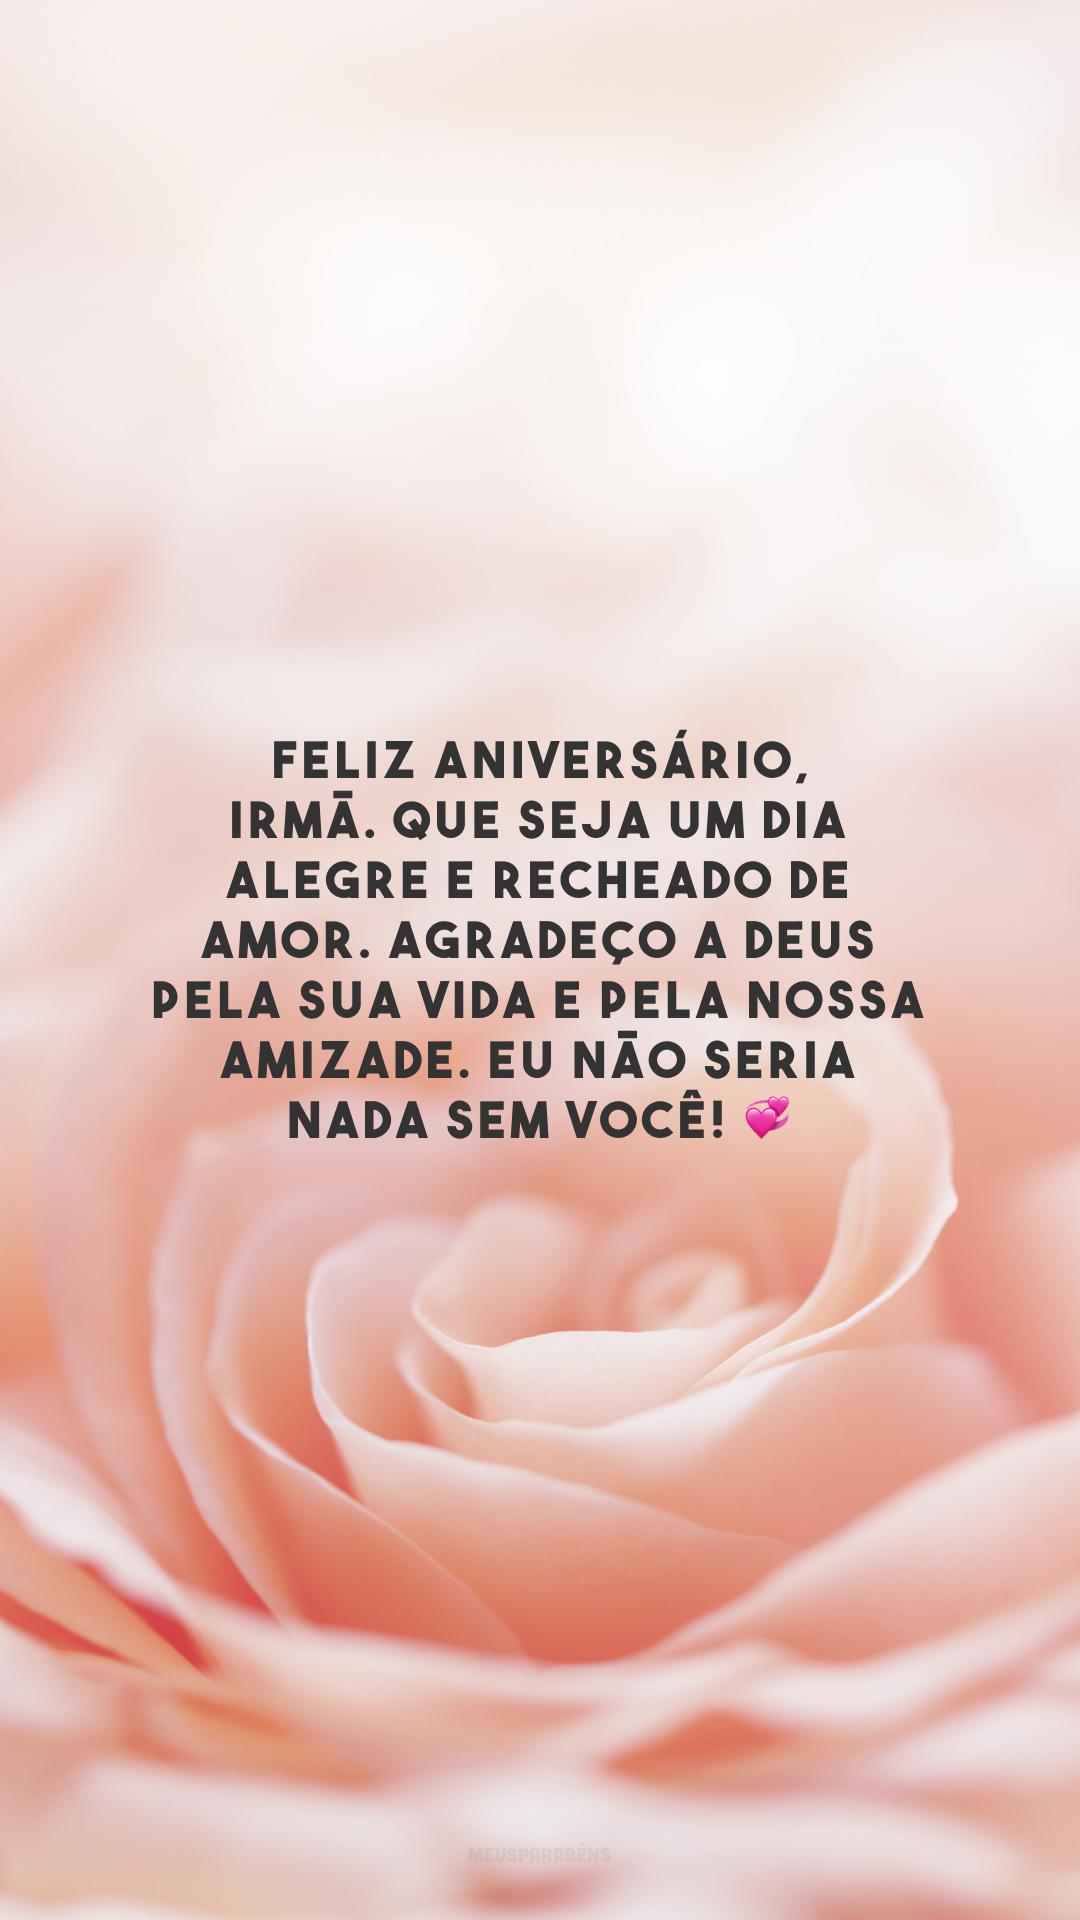 Feliz aniversário, irmã. Que seja um dia alegre e recheado de amor. Agradeço a Deus pela sua vida e pela nossa amizade. Eu não seria nada sem você! 💞